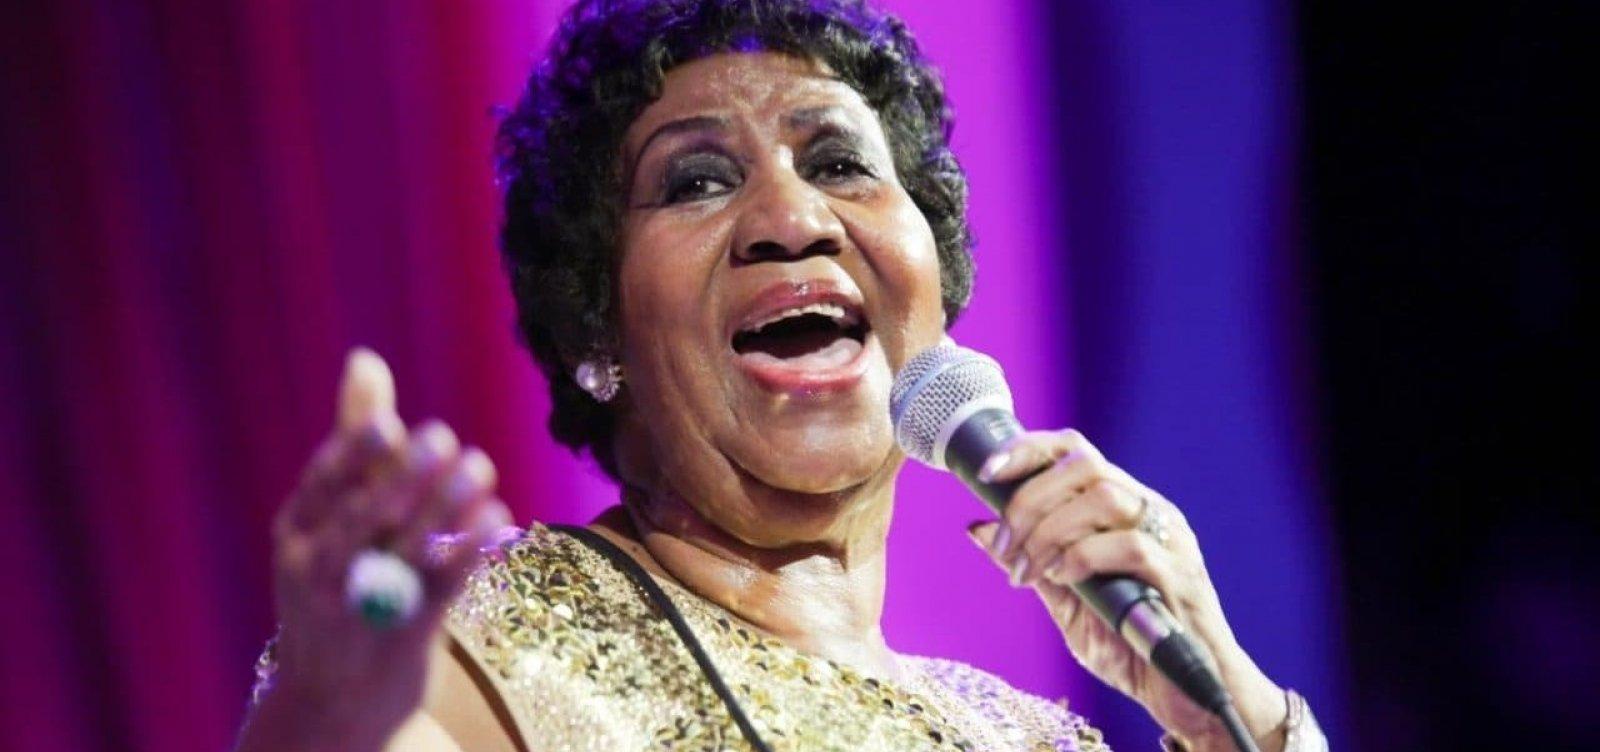 Resultado de imagem para Aretha Franklin, rainha do soul, morre aos 76 anos, diz agência